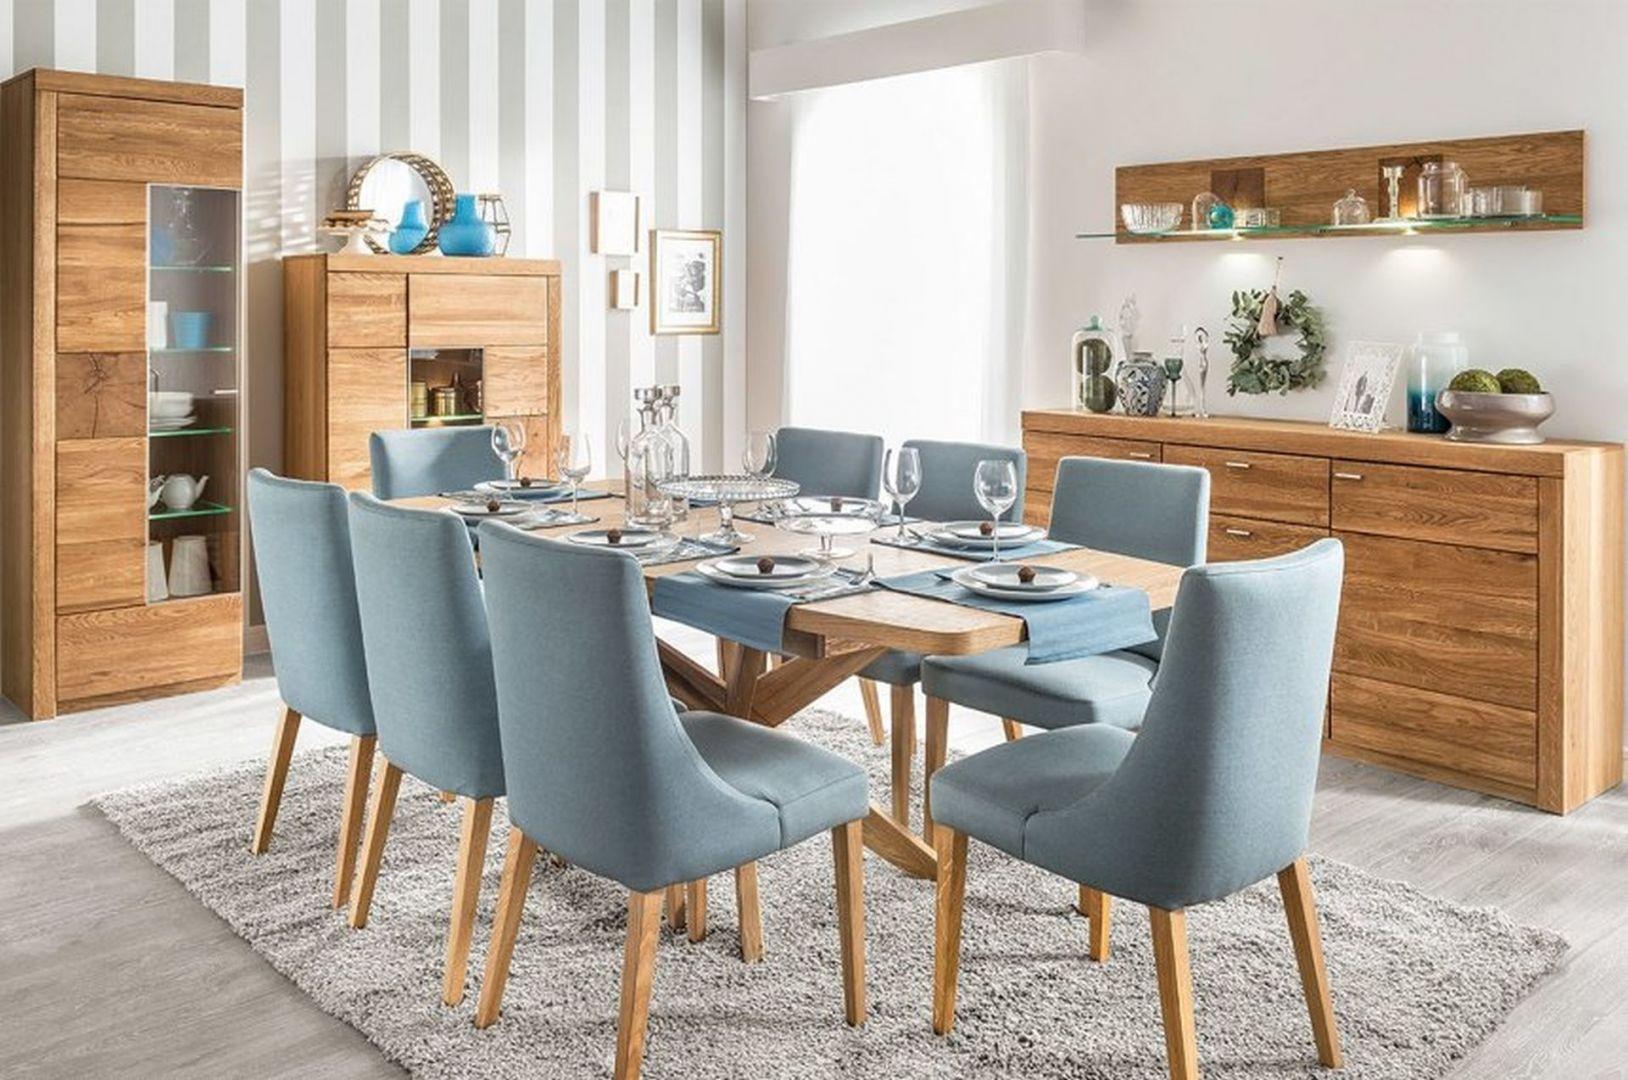 Krzesła tapicerowane Karina - od 595 zł, stół rozsuwany Velle w ciepłym kolorze dębu miodowego - 1993 zł. Producent: Szynaka Meble